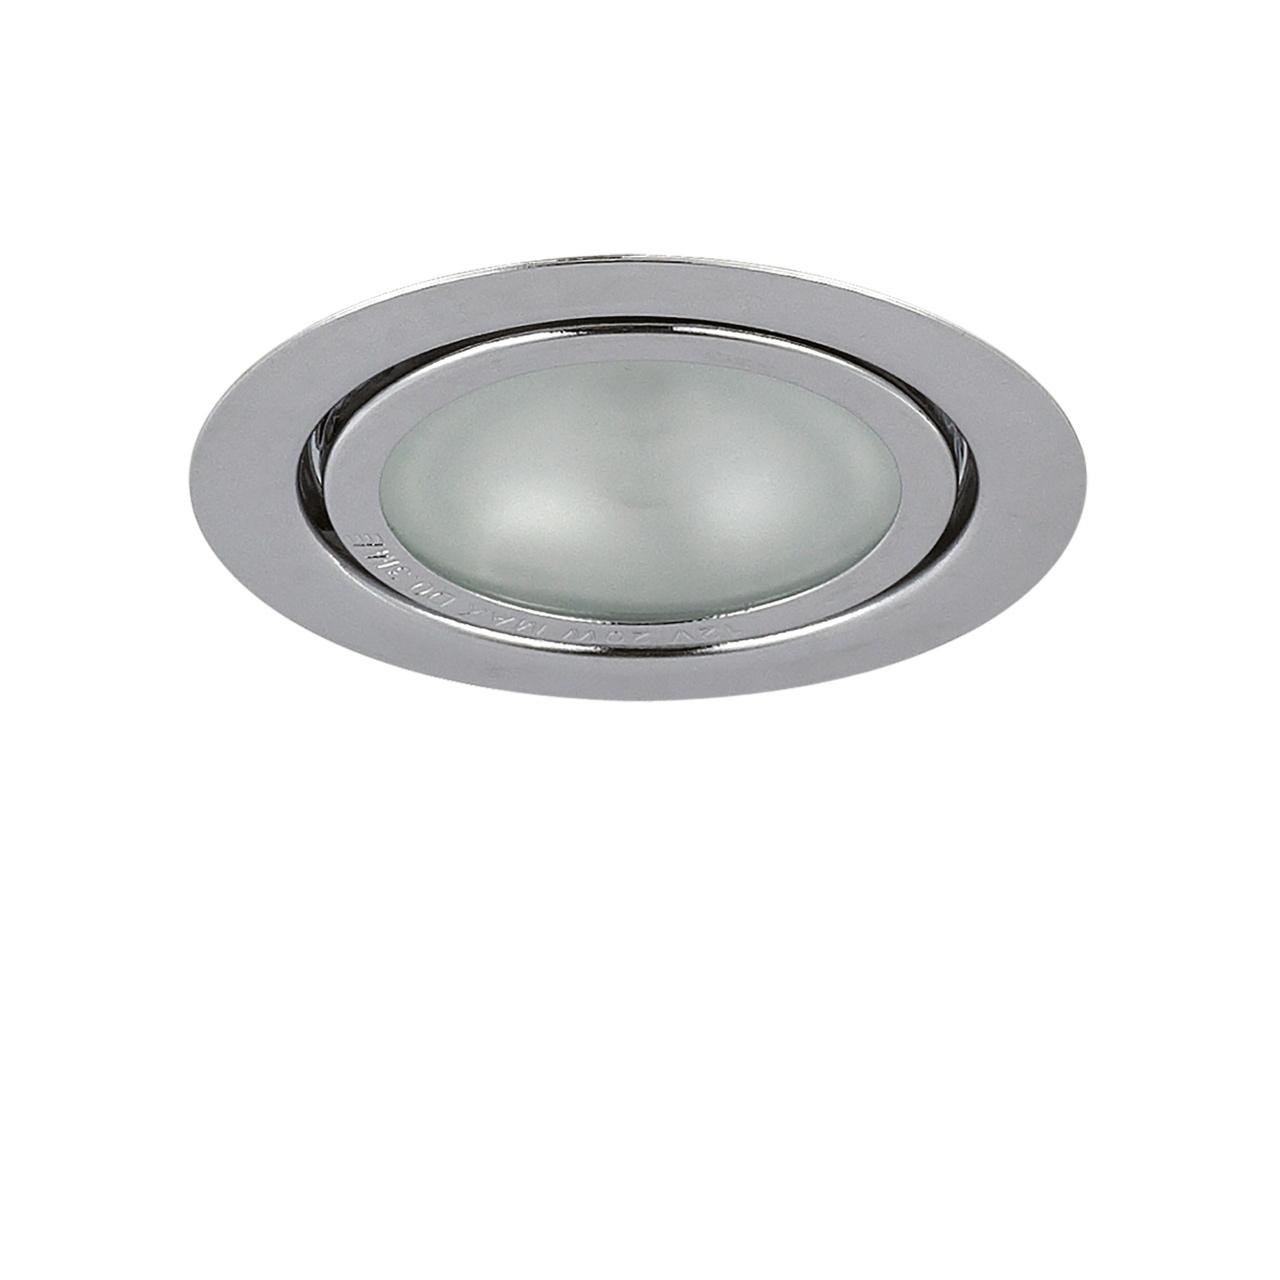 Светильник Mobi INC G4 хром / матовый Lightstar 003204